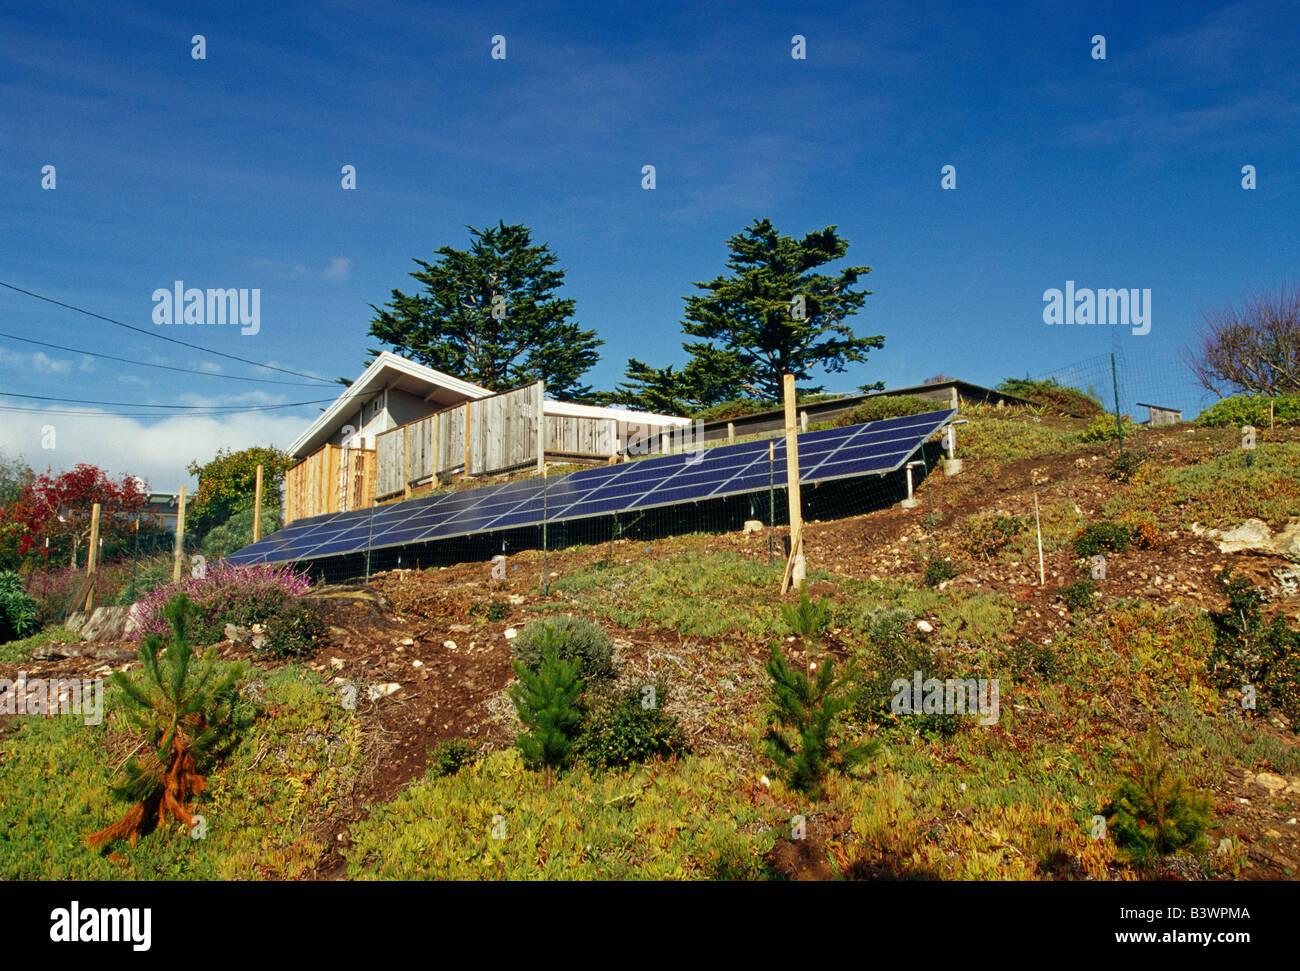 Los paneles solares operan en la residencia. Imagen De Stock